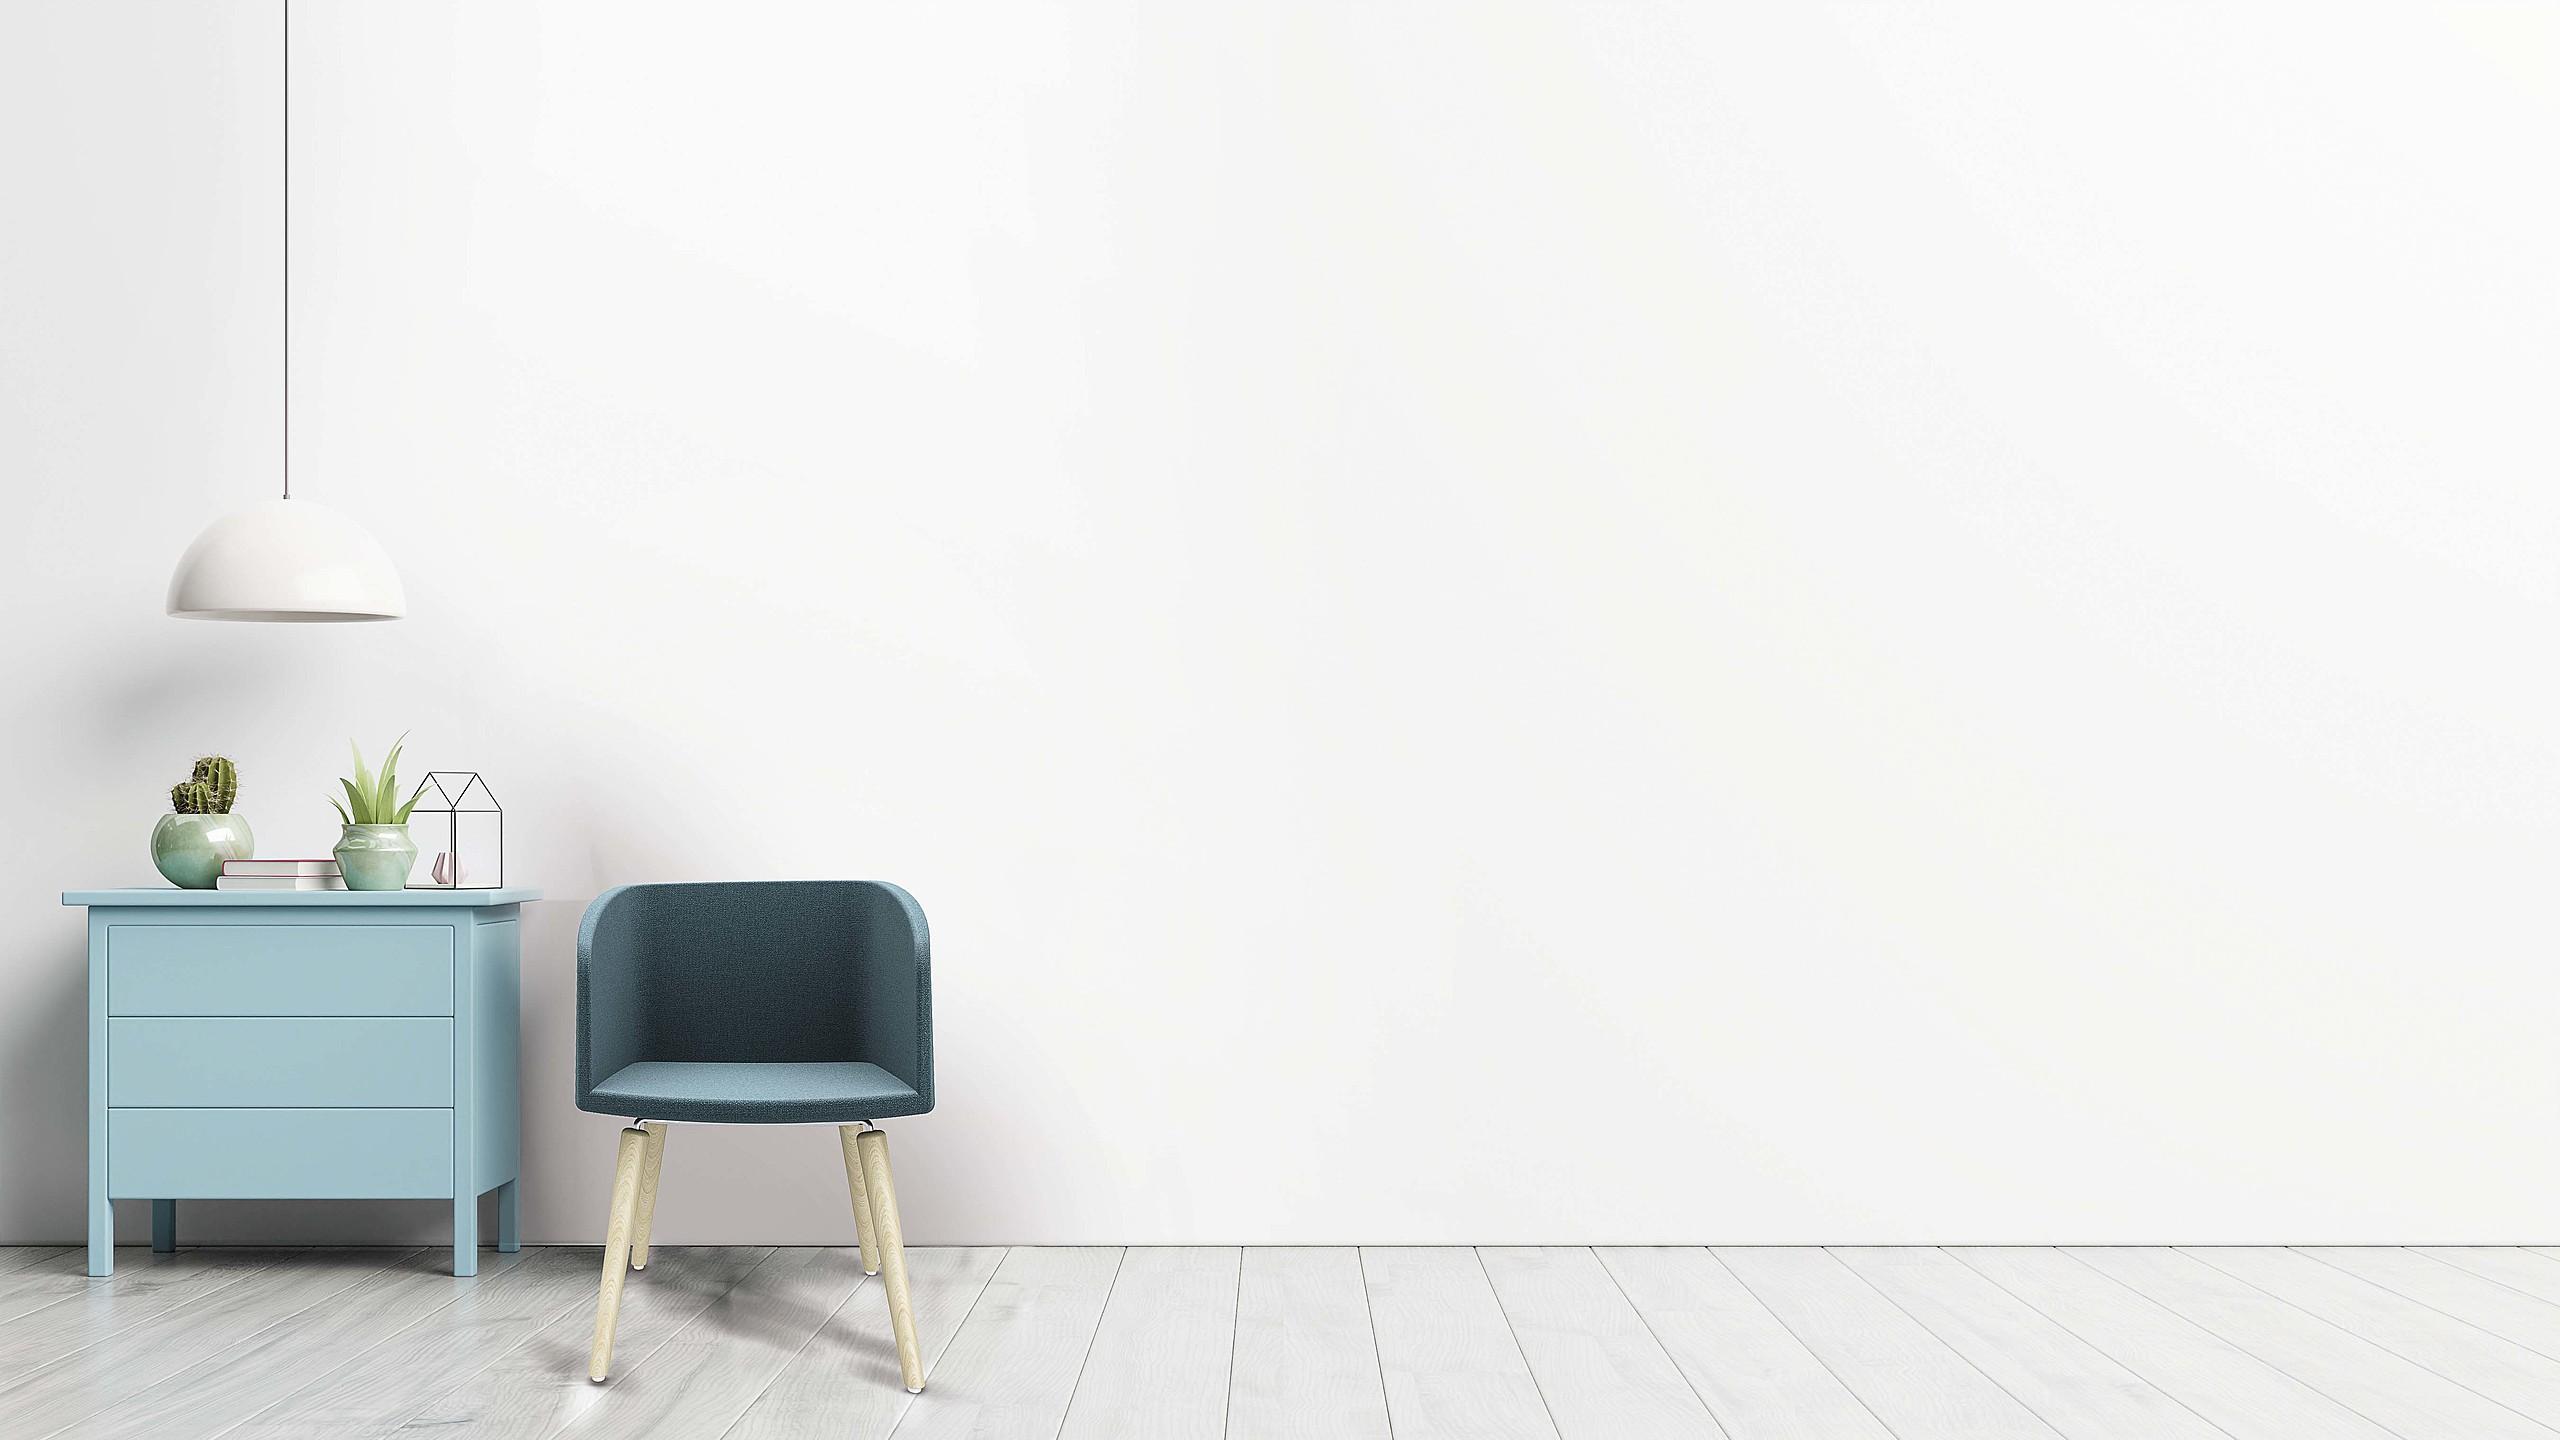 cadeiras minimalistas